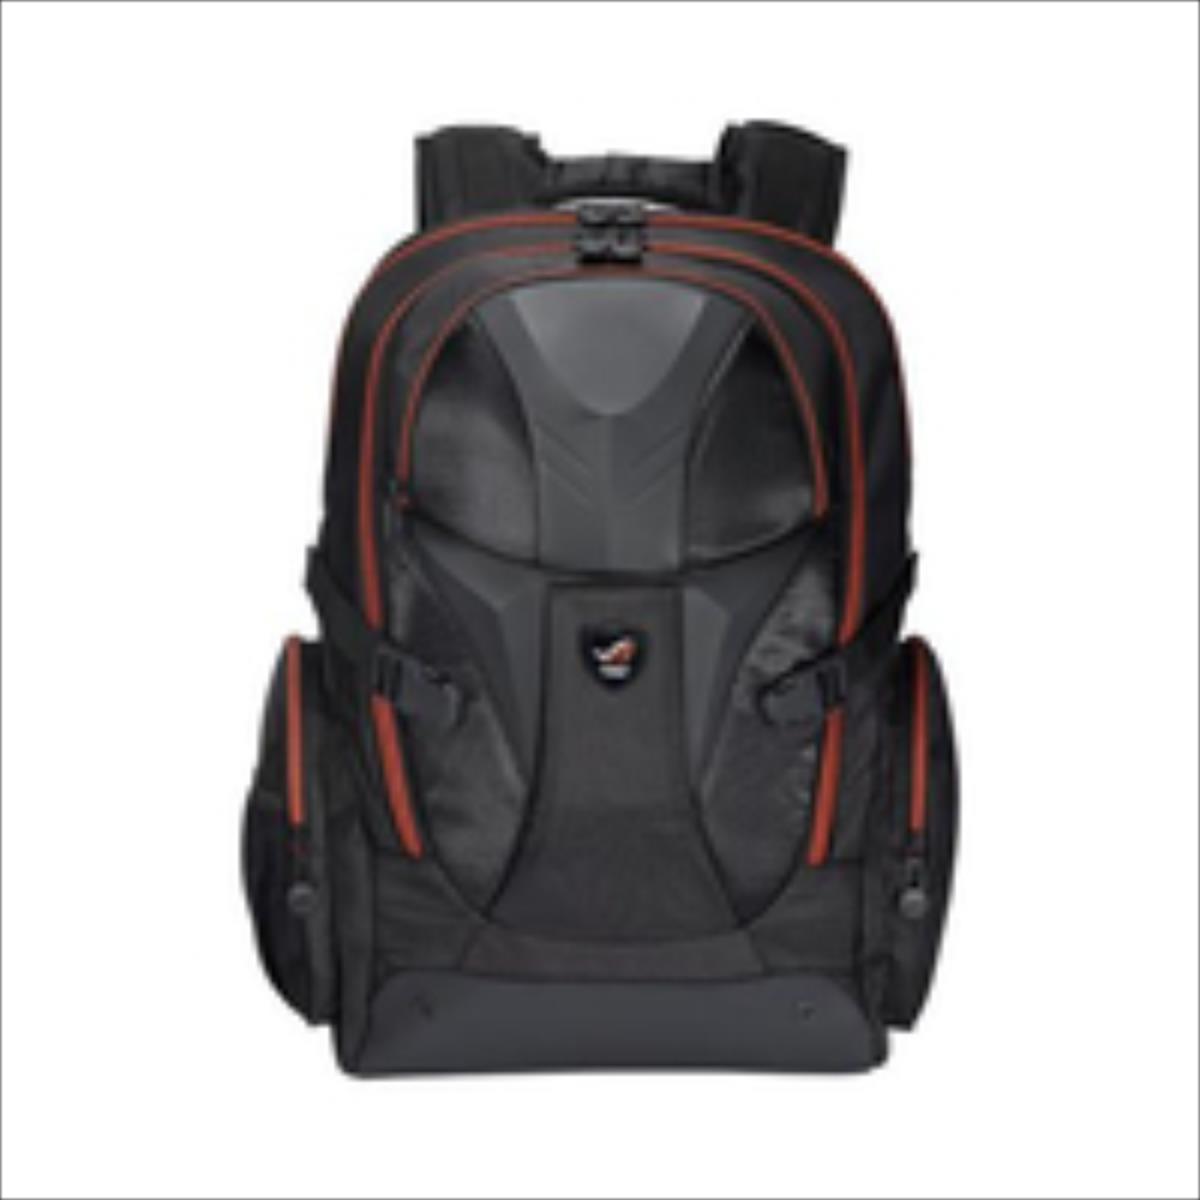 Asus ROG NB Bag 17 Nomad Backpack V2 portatīvo datoru soma, apvalks